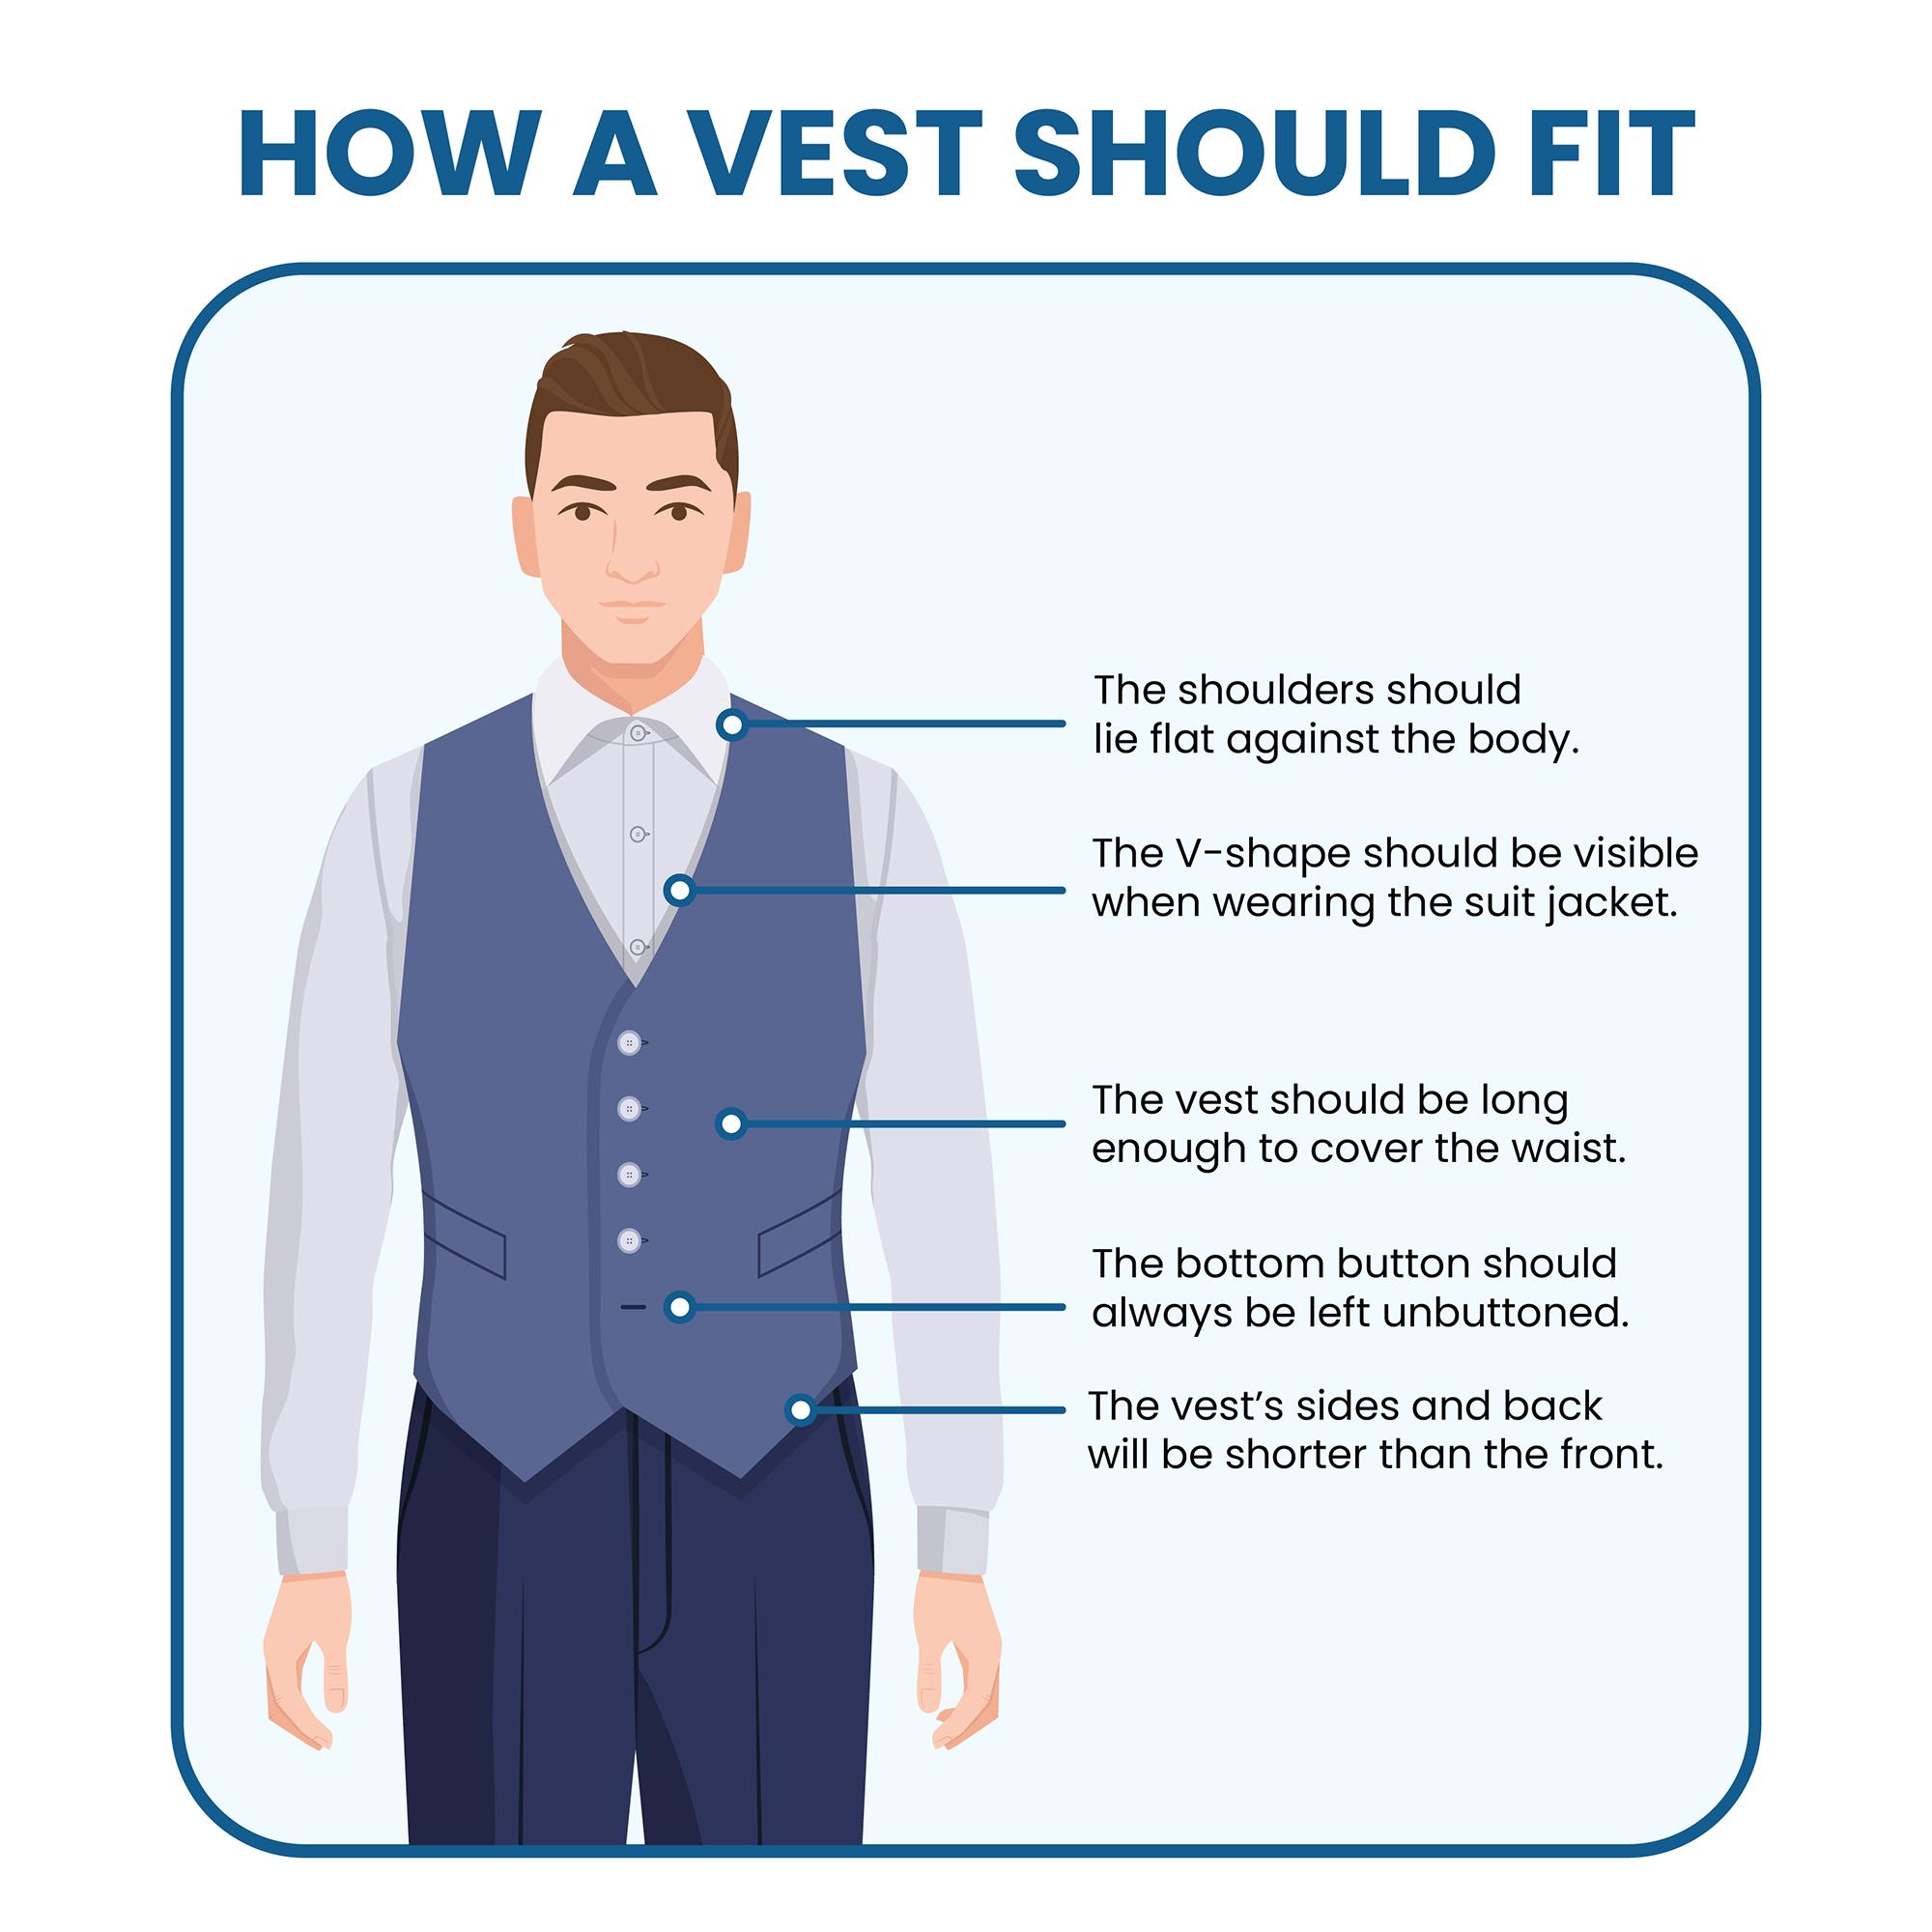 how should a suit vest fit